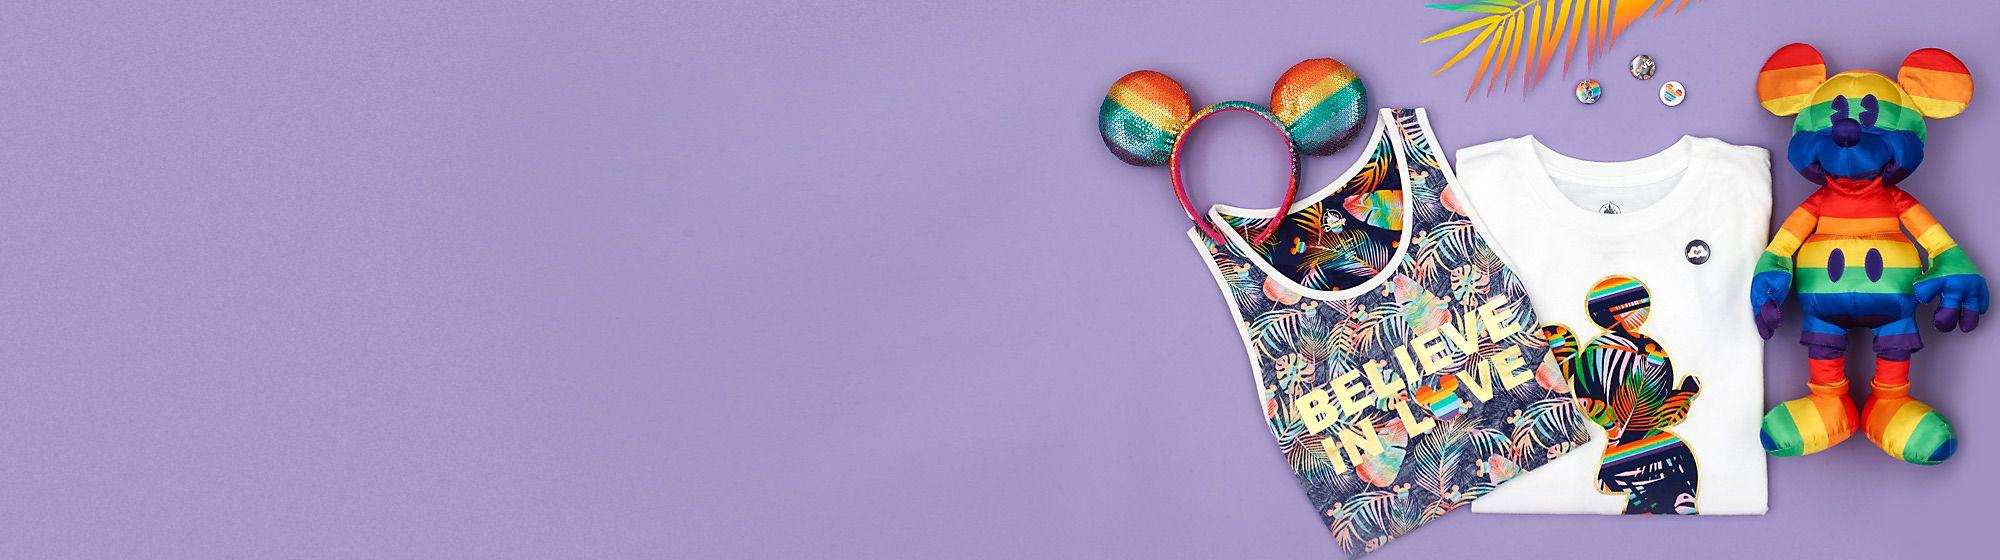 Rainbow Disney Découvrez vite les produits Rainbow Disney à l'effigie de tous vos personnages préférés !